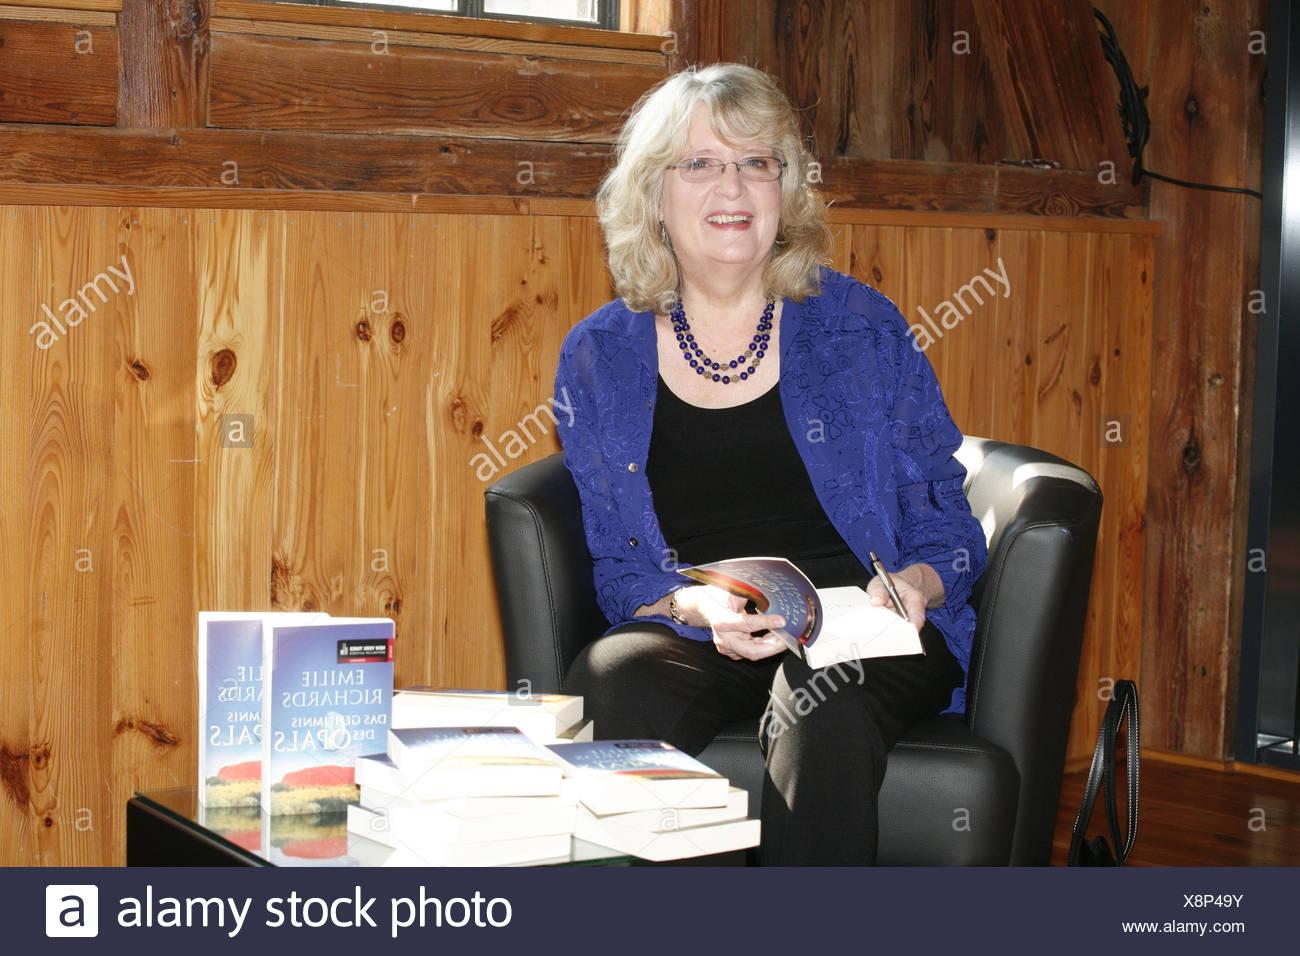 """Richards, Emilie, American autrice / autore / scrittore, mezza lunghezza, photocall per la ZDF SERIE TV """"Emilie Richards', Amburgo, Germania, 22.3.2011, Additional-Rights-giochi-NA Immagini Stock"""